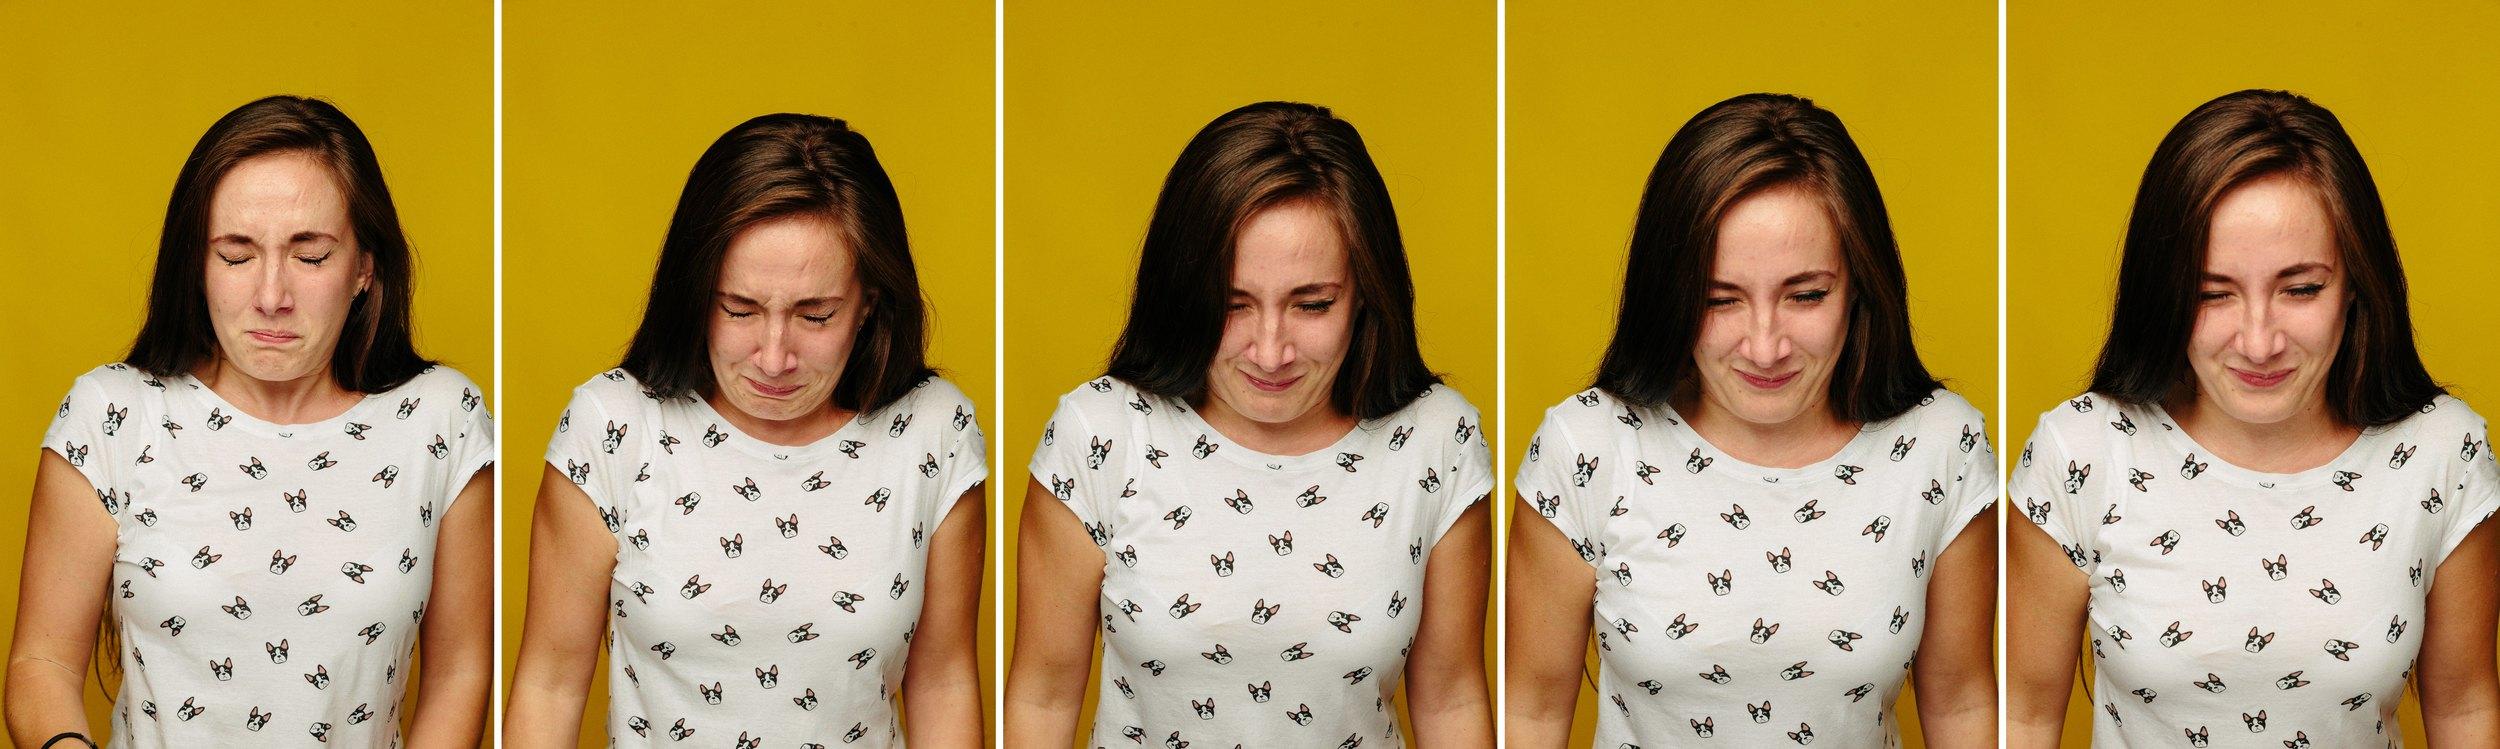 portfolio2 - Jani Ugrin - Na zdravje - 009.jpg